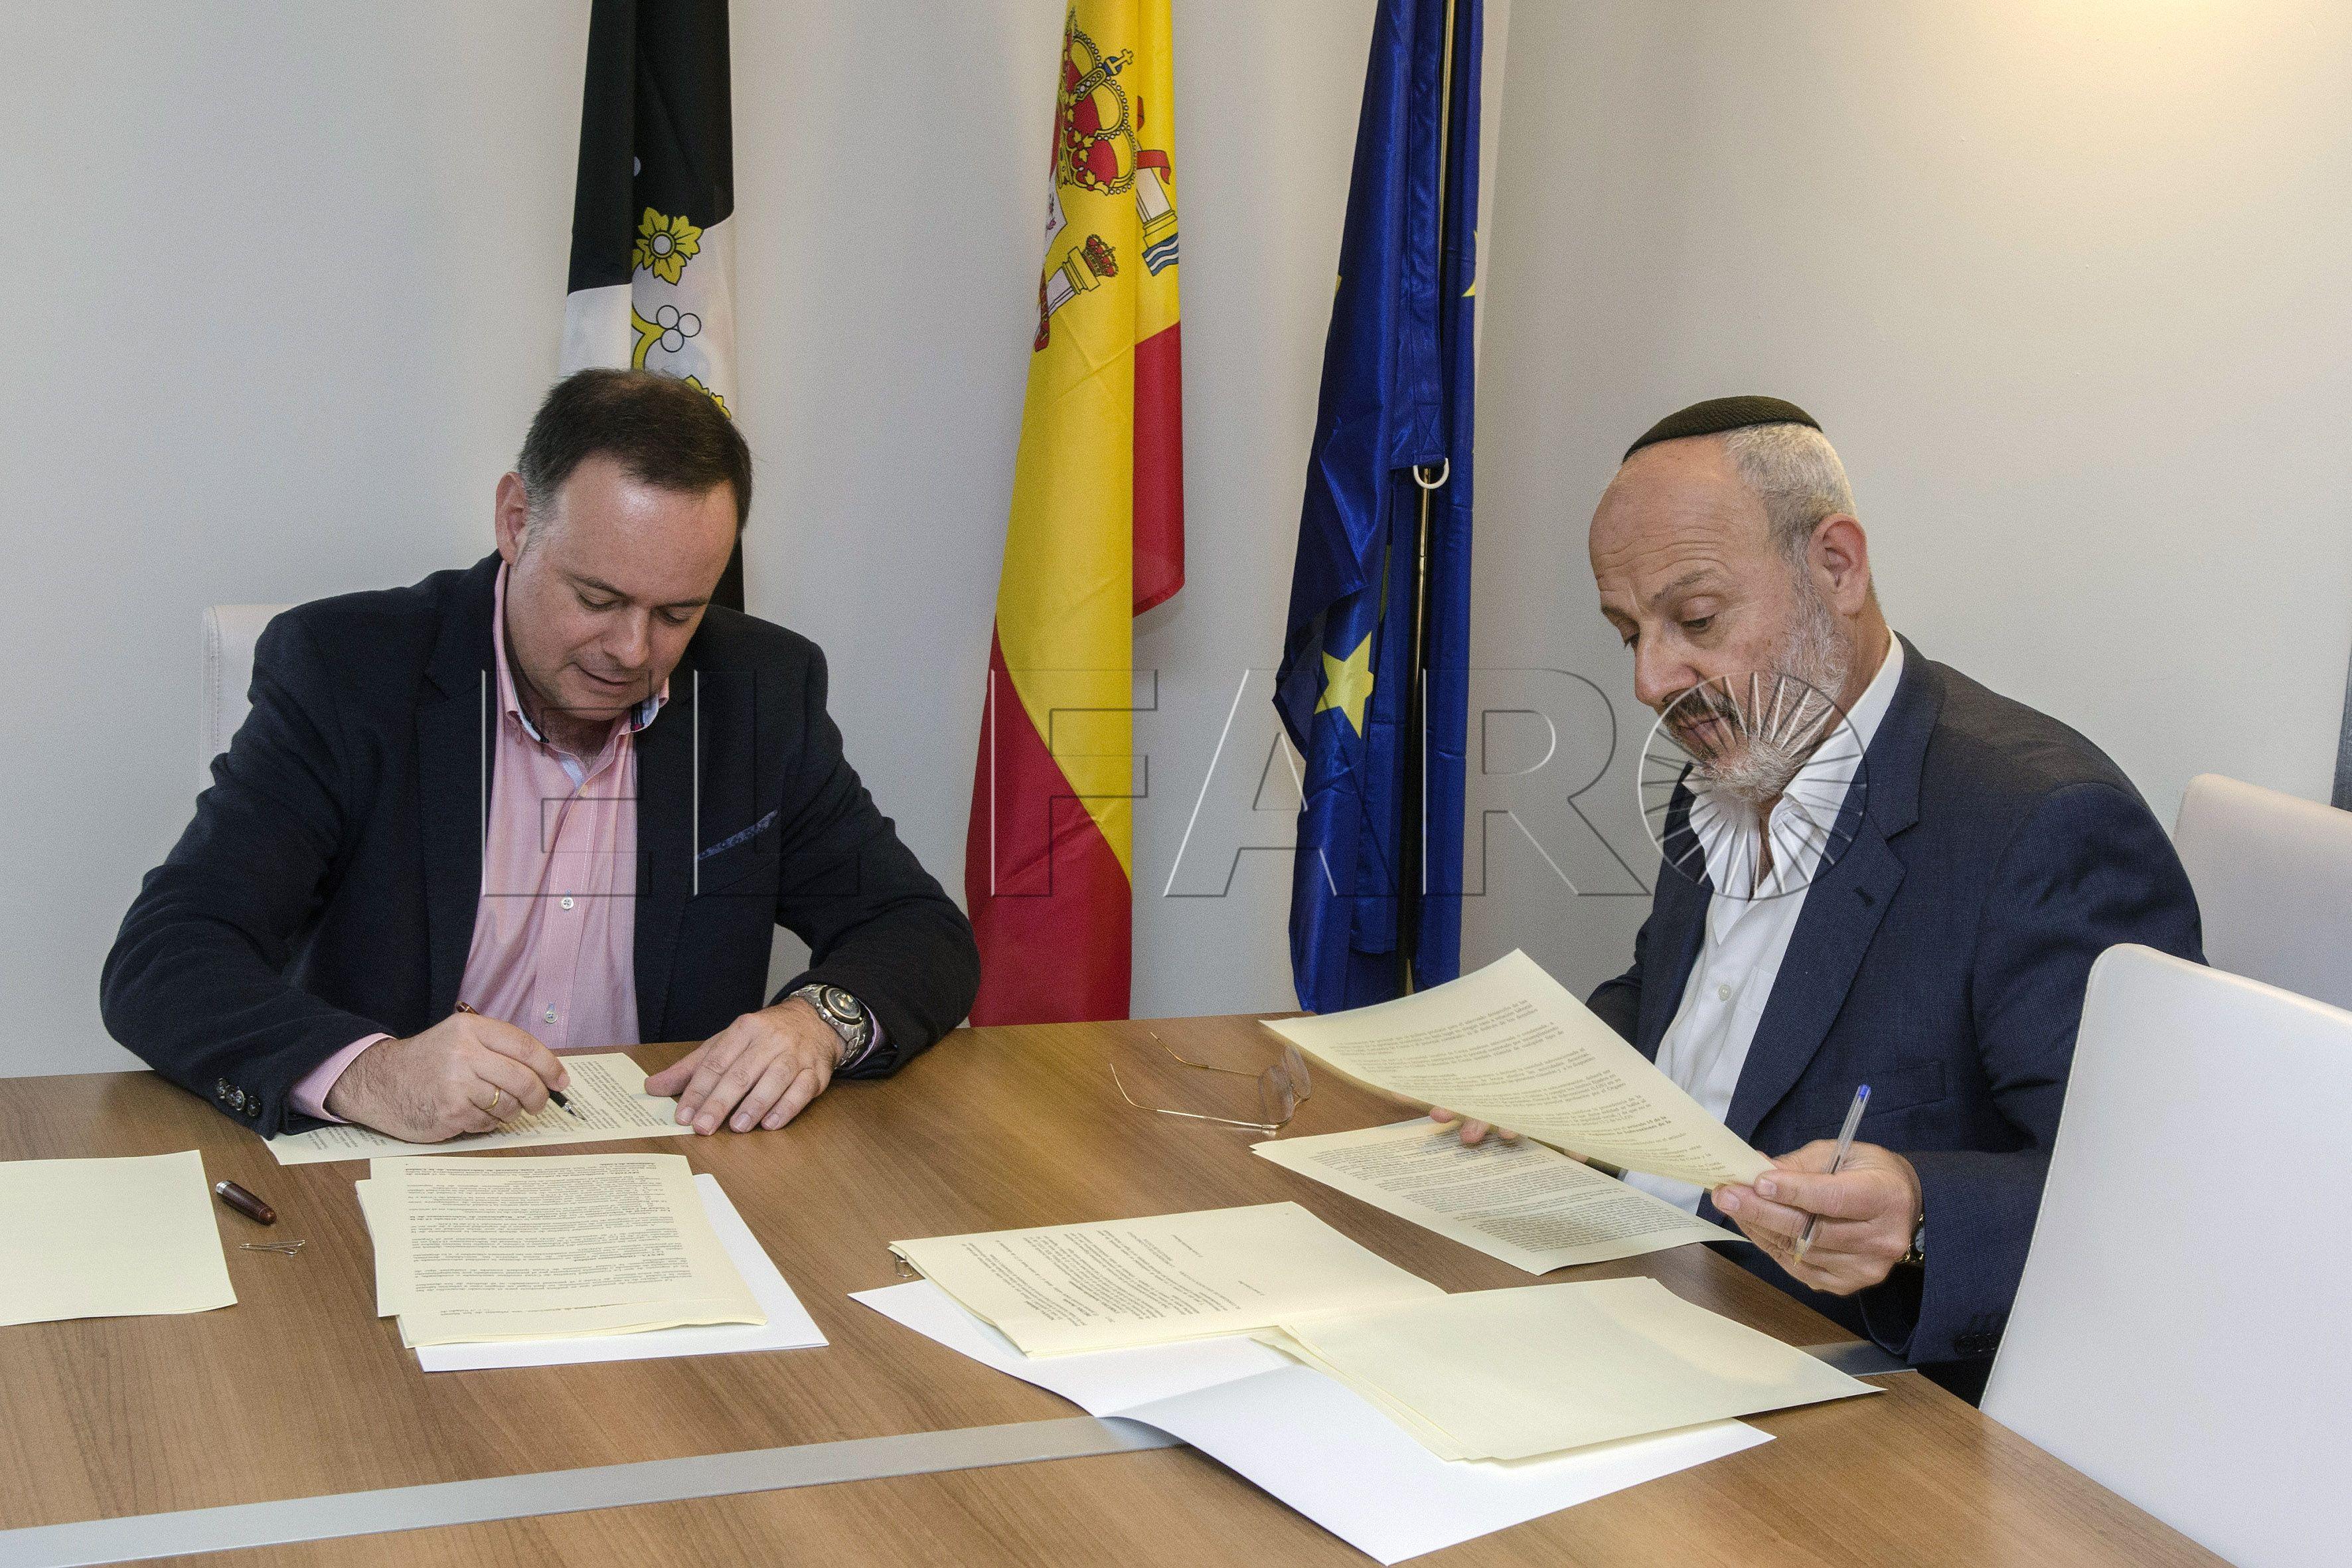 La Ciudad subvenciona con 60.000 euros a la comunidad israelita